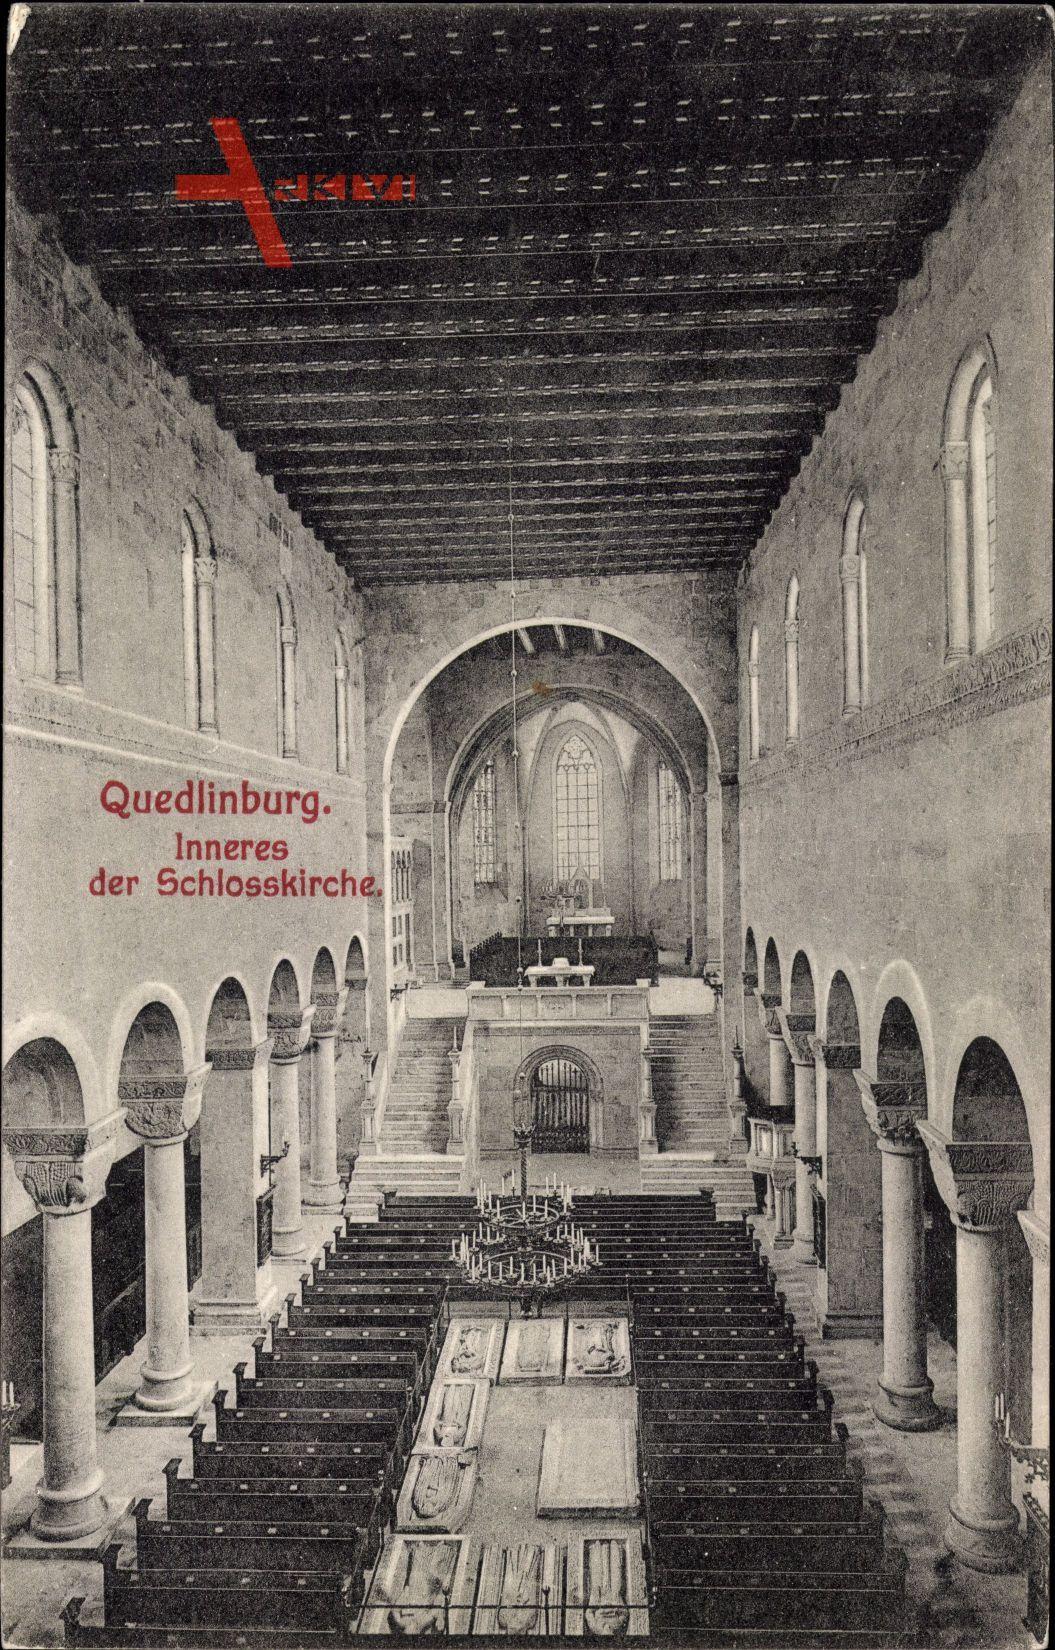 Quedlinburg im Harz, Inneres der Schlosskirche, Kanzel, Gebetsbänke